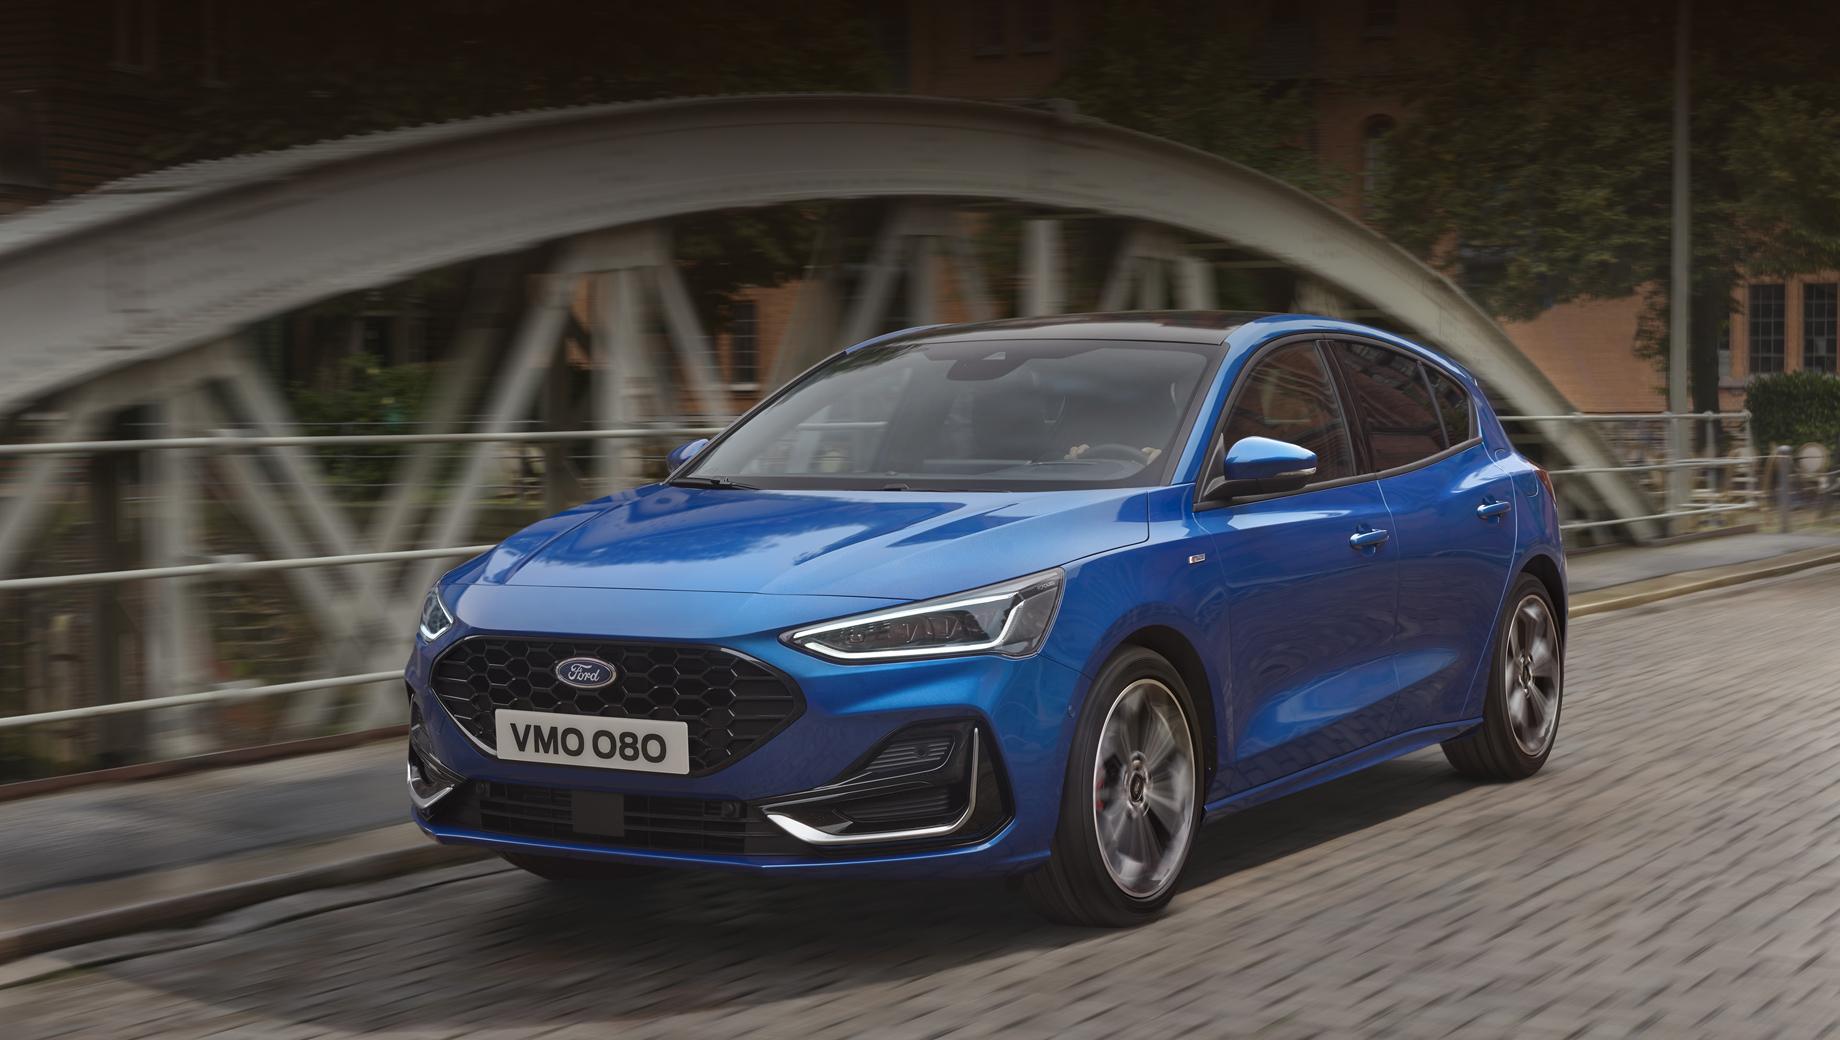 Обновлённый Ford Focus разжился новыми силовыми установками